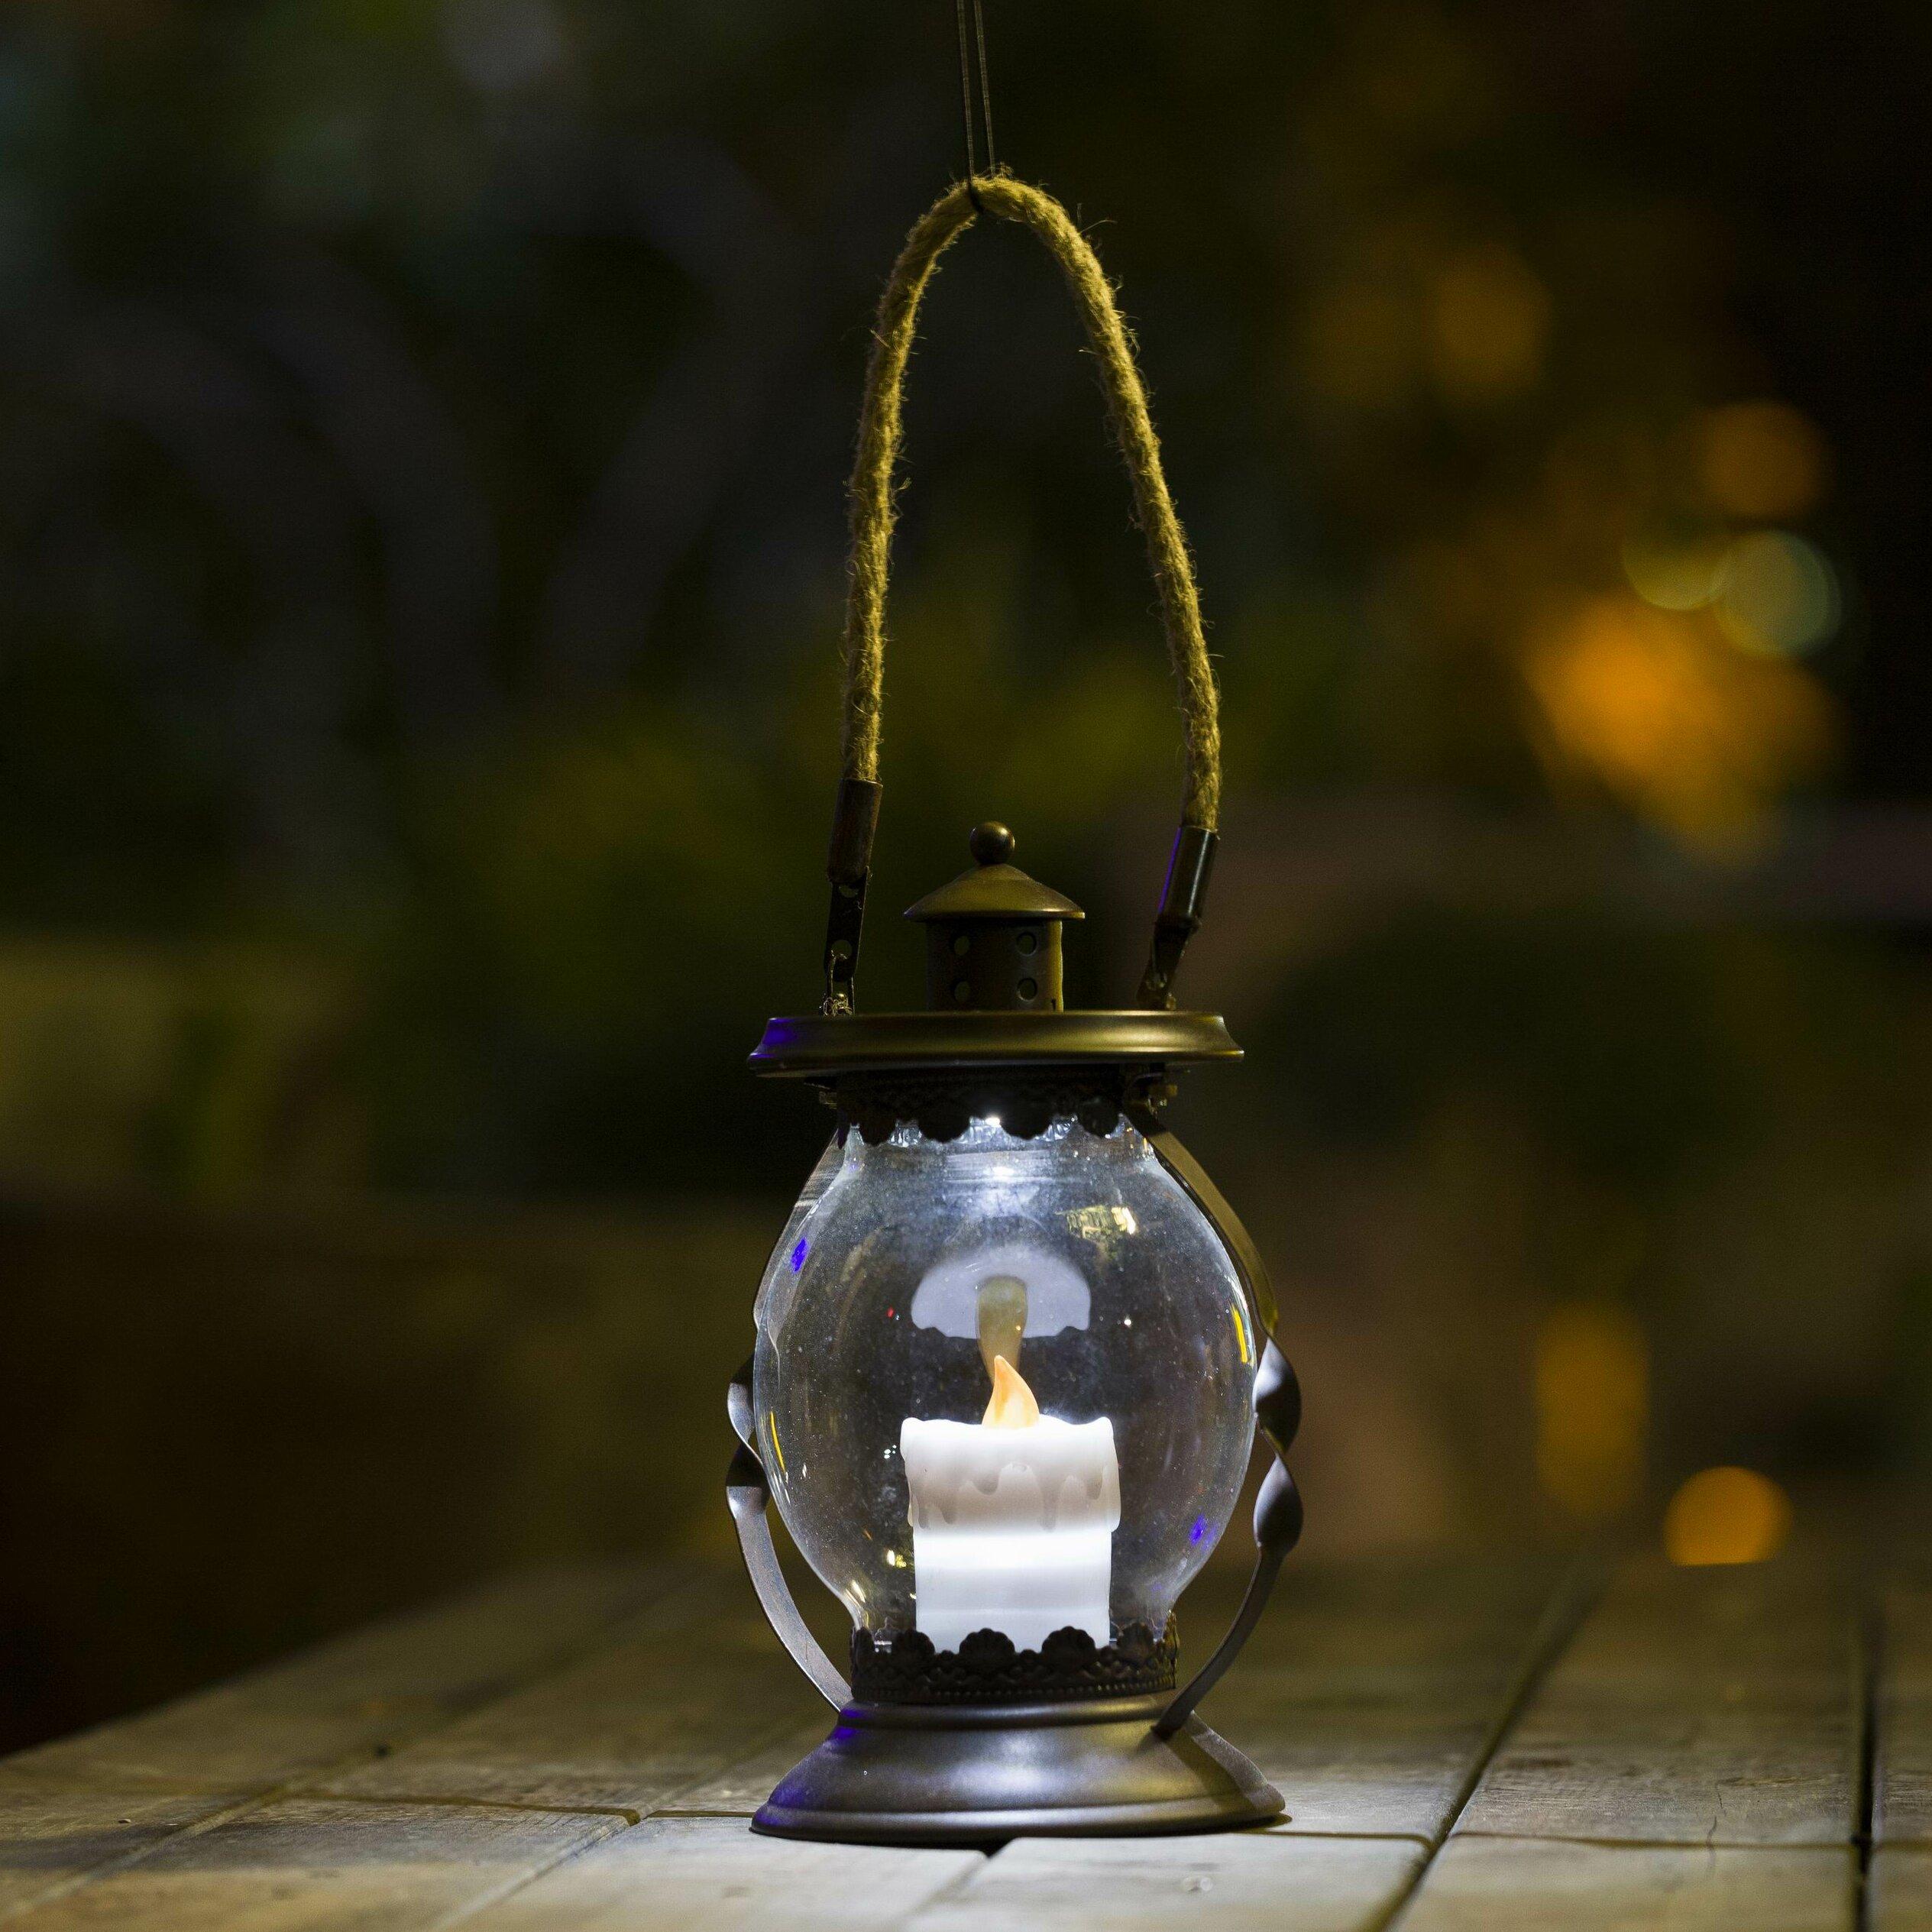 WinsomeHouse Hanging Hurricane Lantern | Wayfair